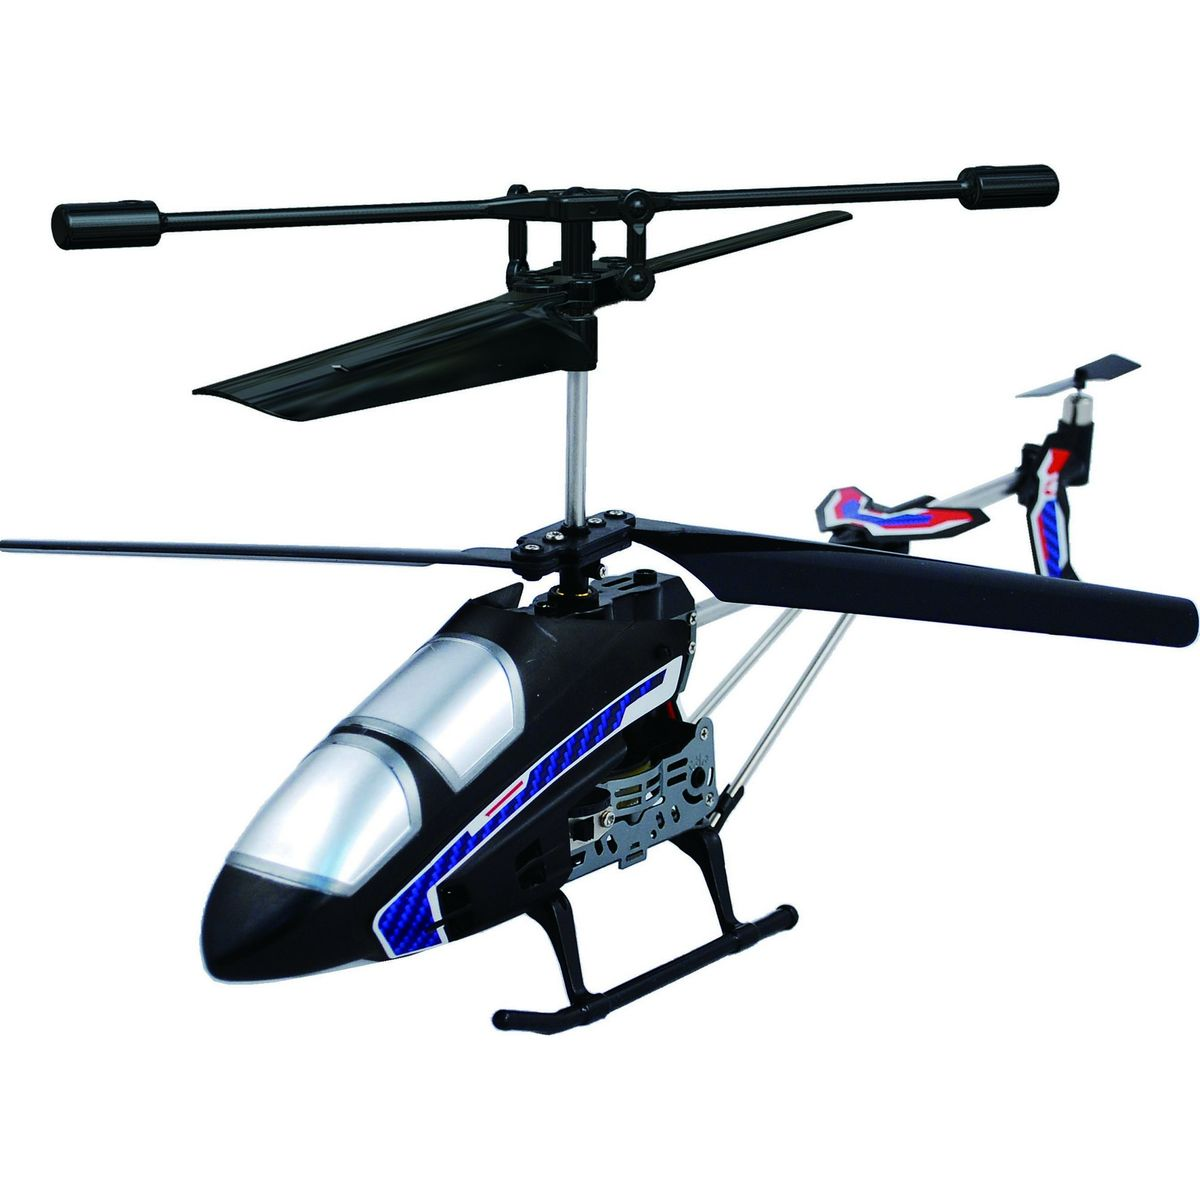 Властелин небес Вертолет на радиоуправлении Триумф цвет черный